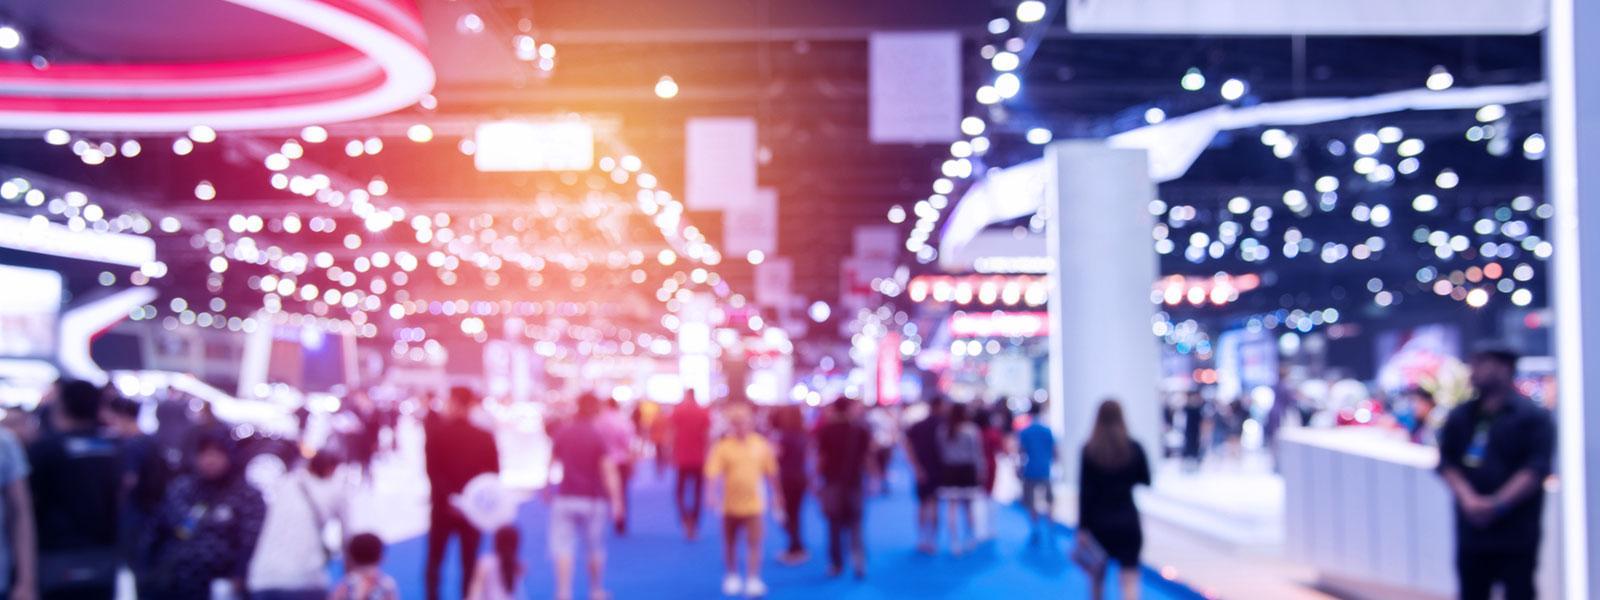 exhibition_event